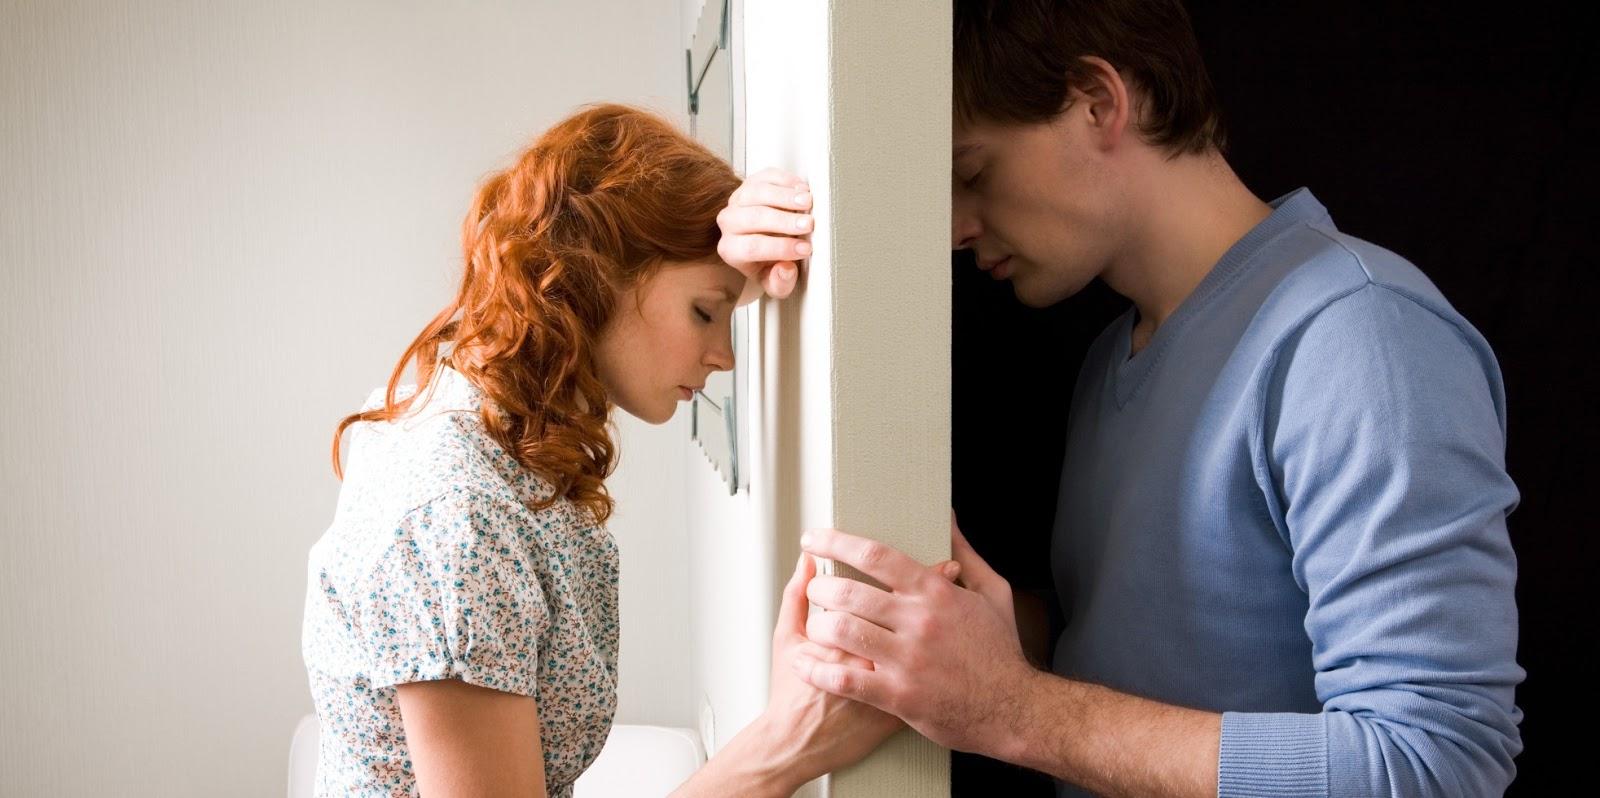 صورة اسباب نفور الزوجة من زوجها , تعرف على اسباب المشكلات الزوجيه